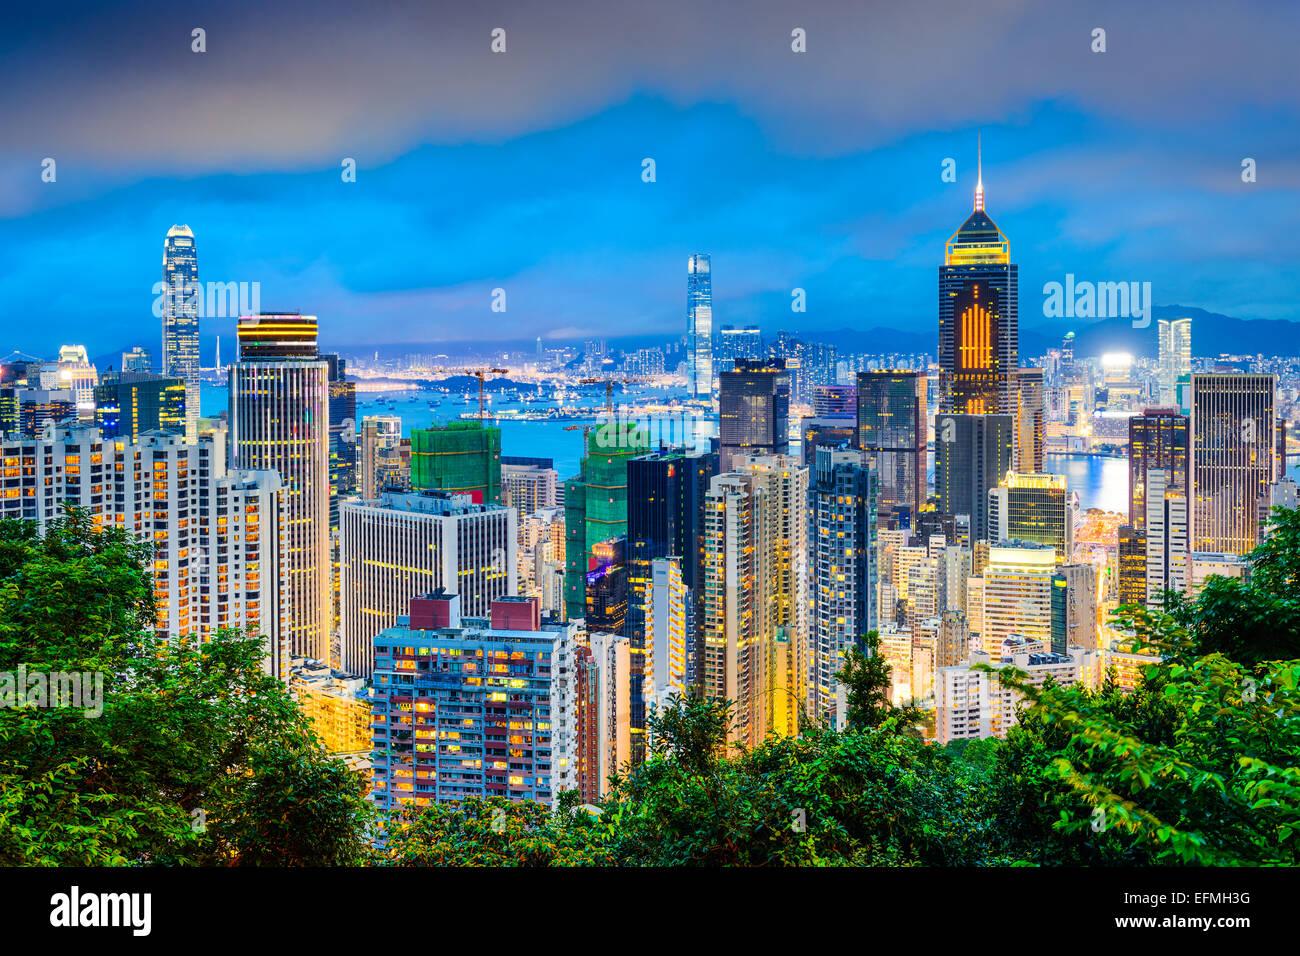 Hong Kong, China cityscape at twilight. Stock Photo